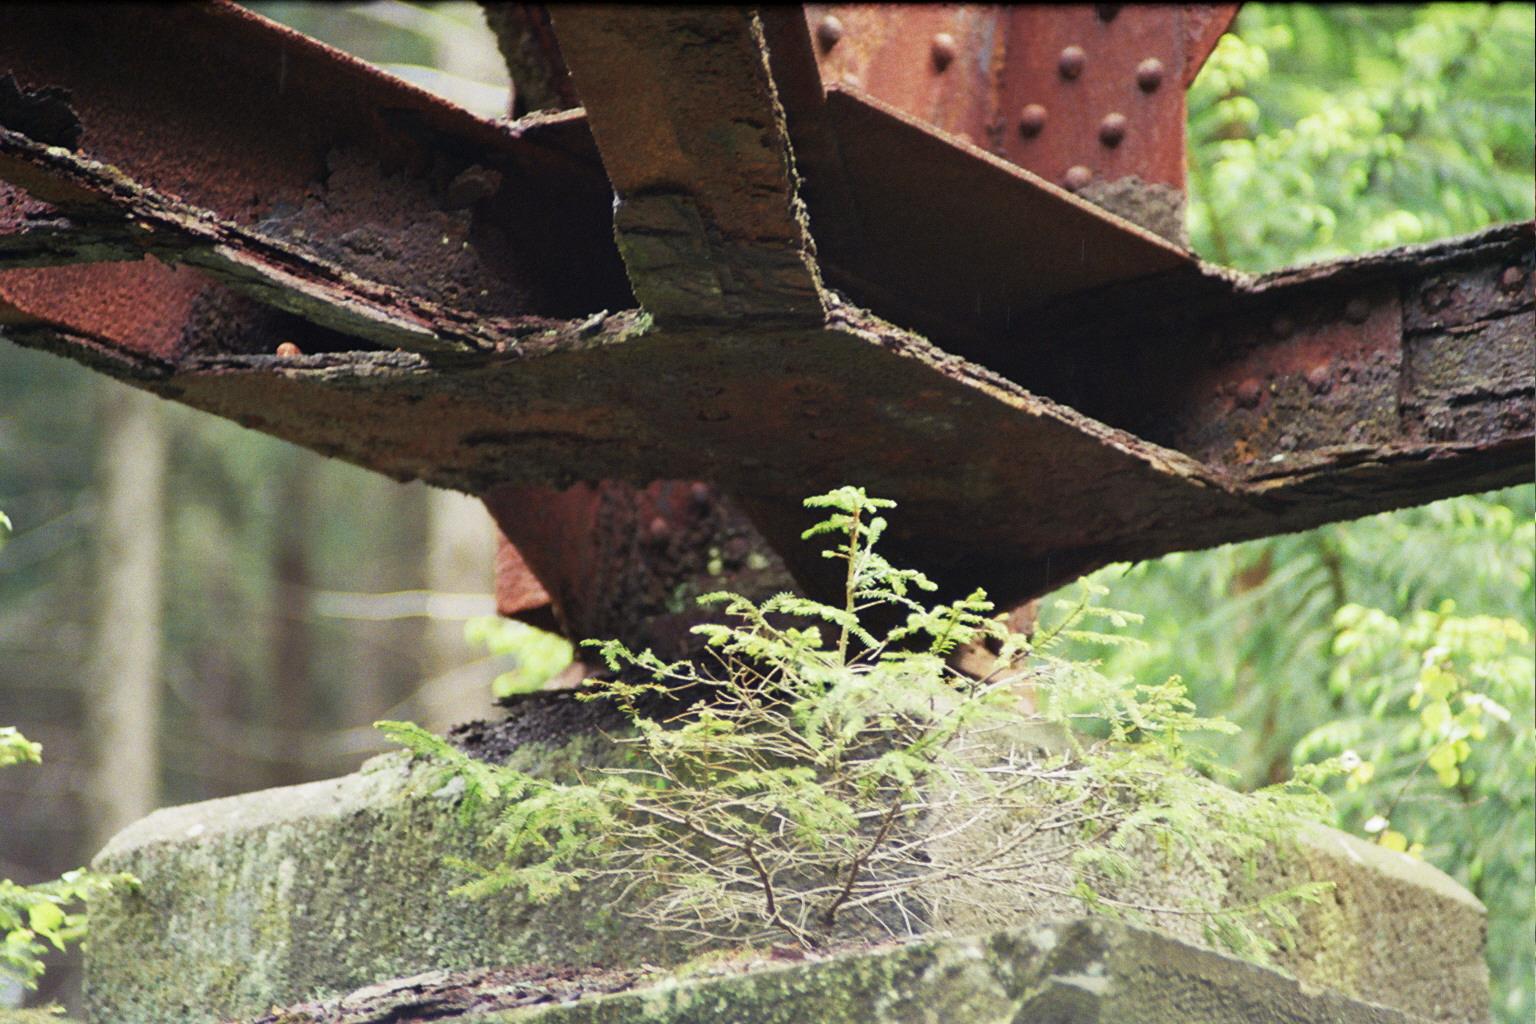 Ds Foto zeigt ein Detail der Brücke: Der Knoten mehrerer verrosteter Träger auf einem Betonpfeiler